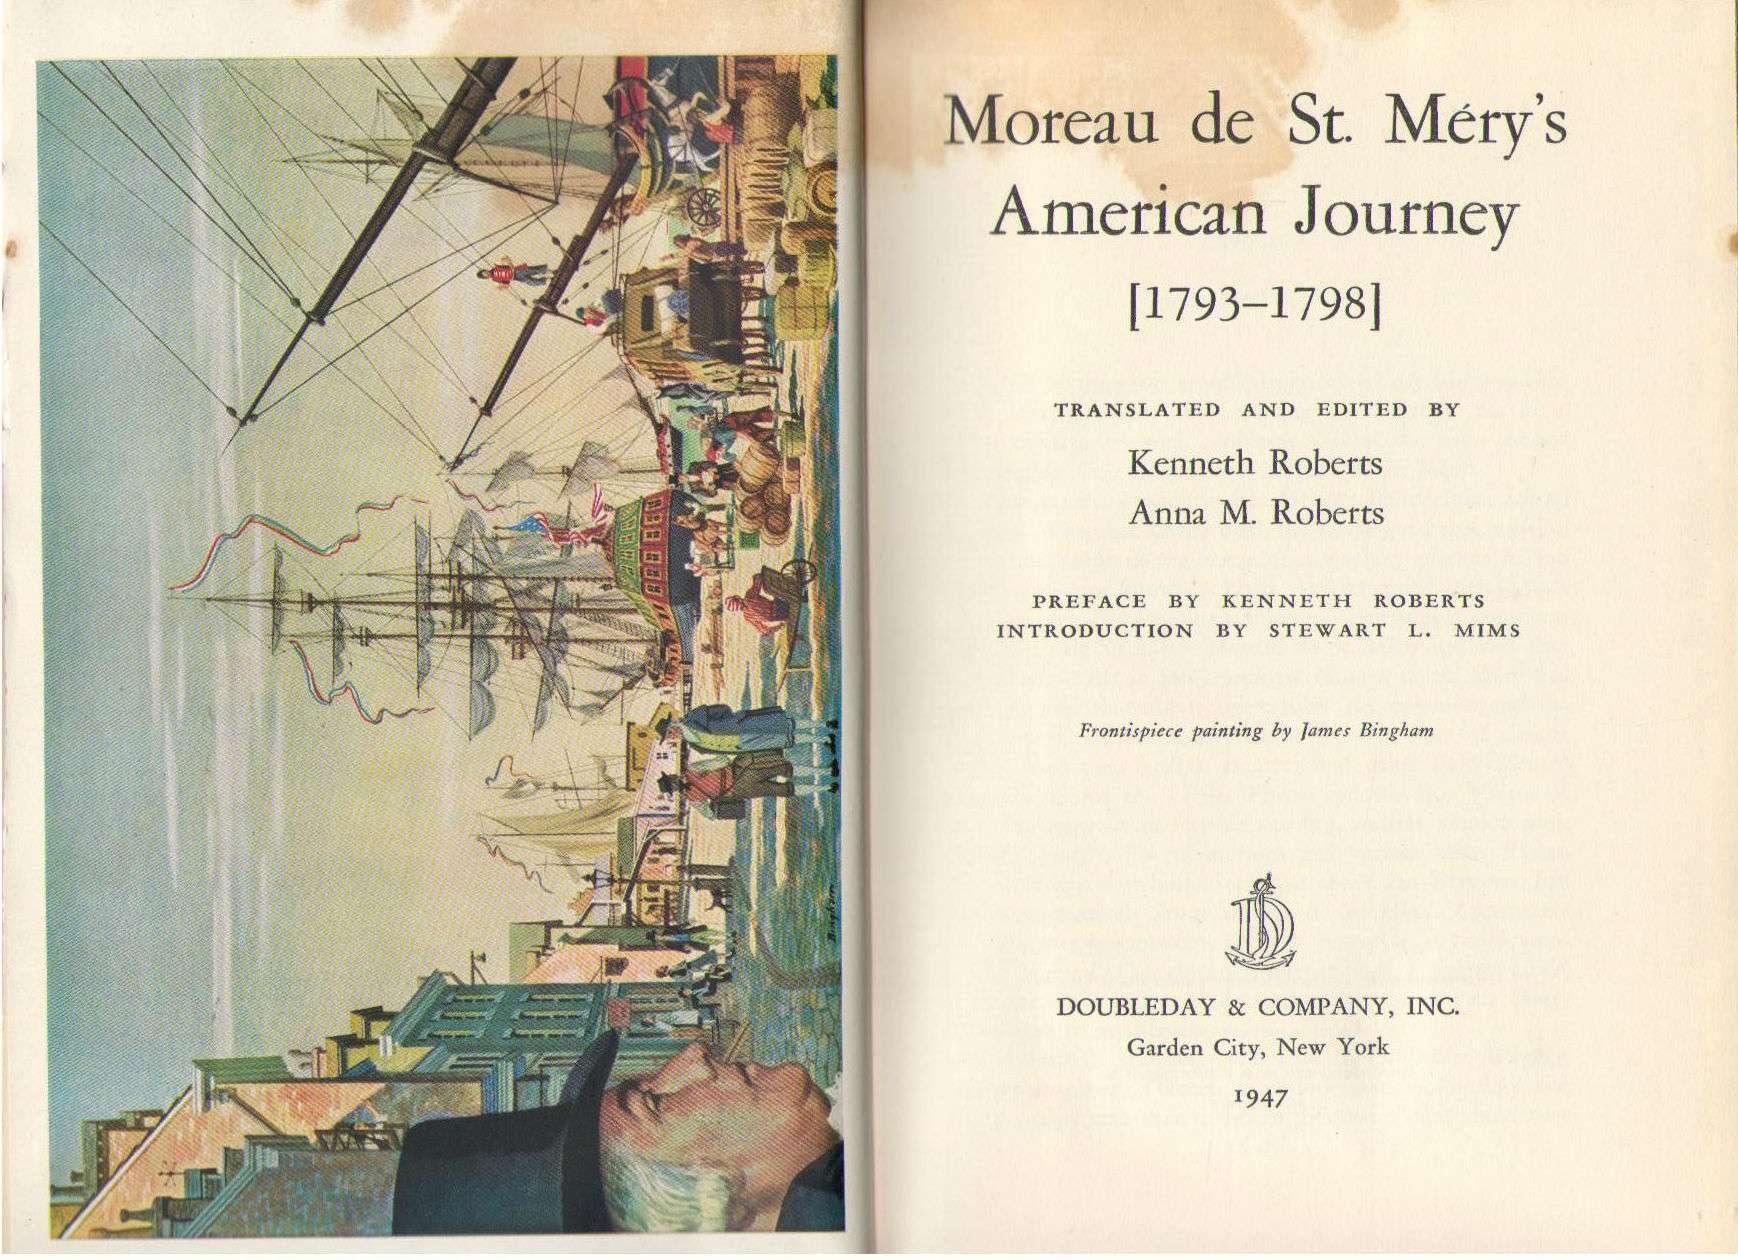 Moreau de St. Méry's American Journey, 1793-1798